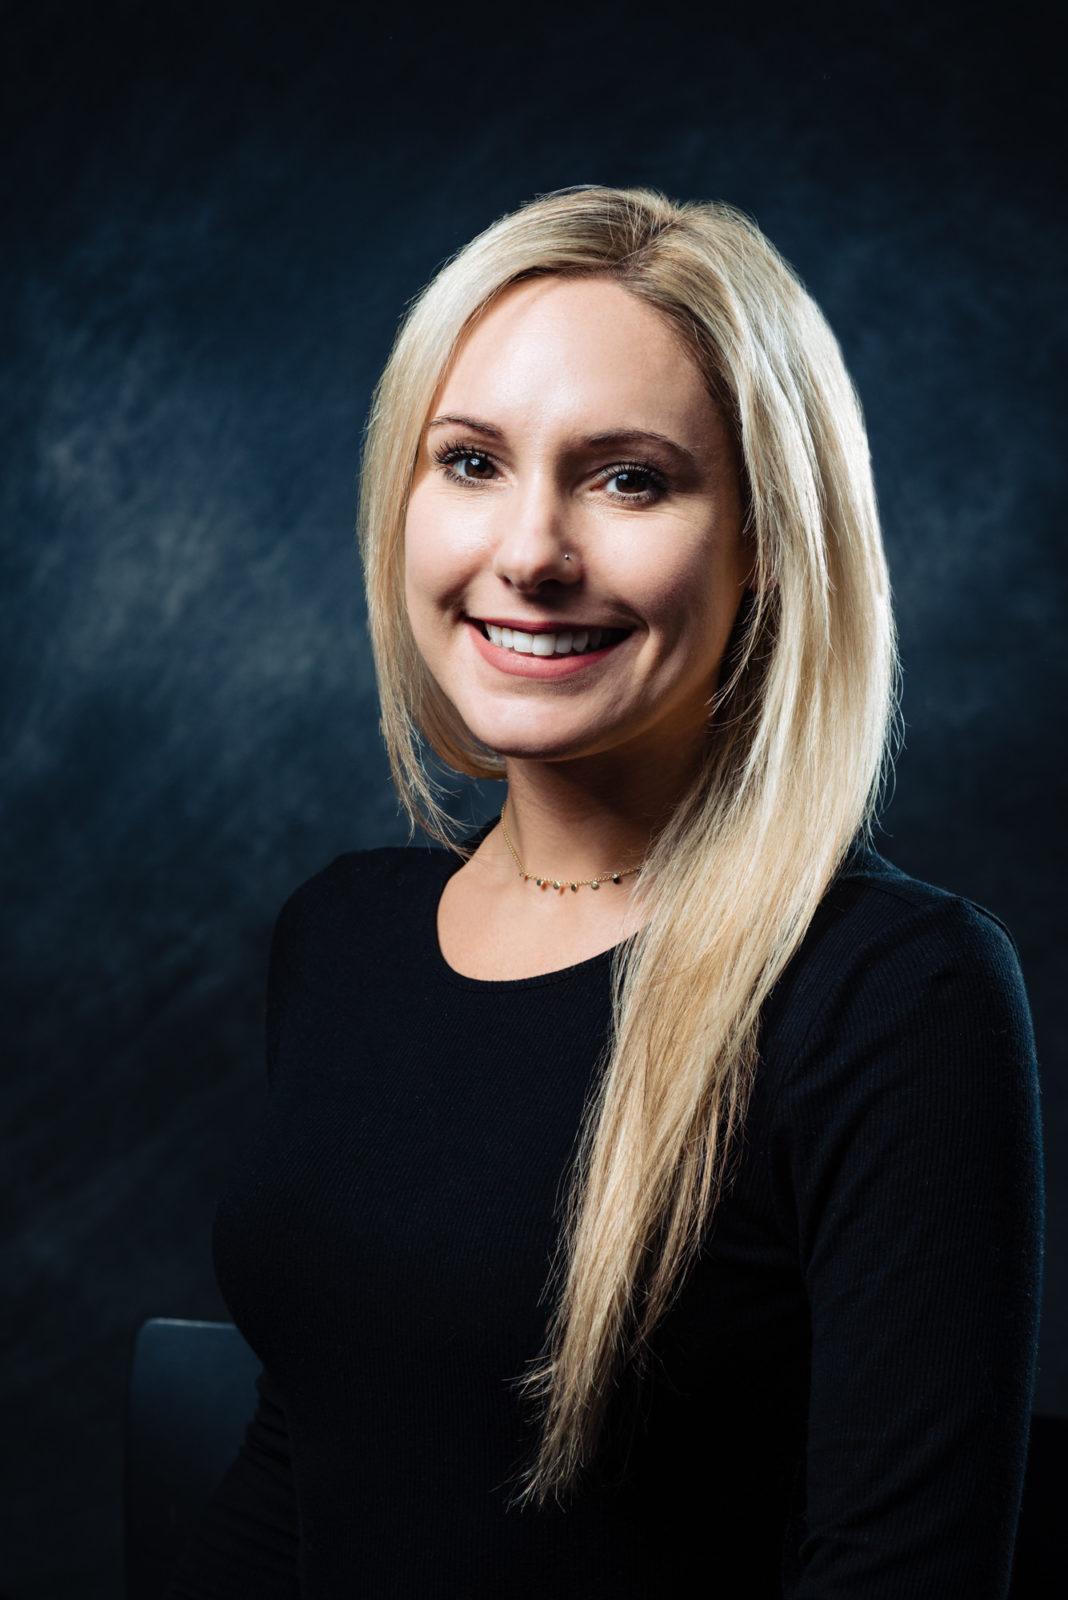 Nicole Argento